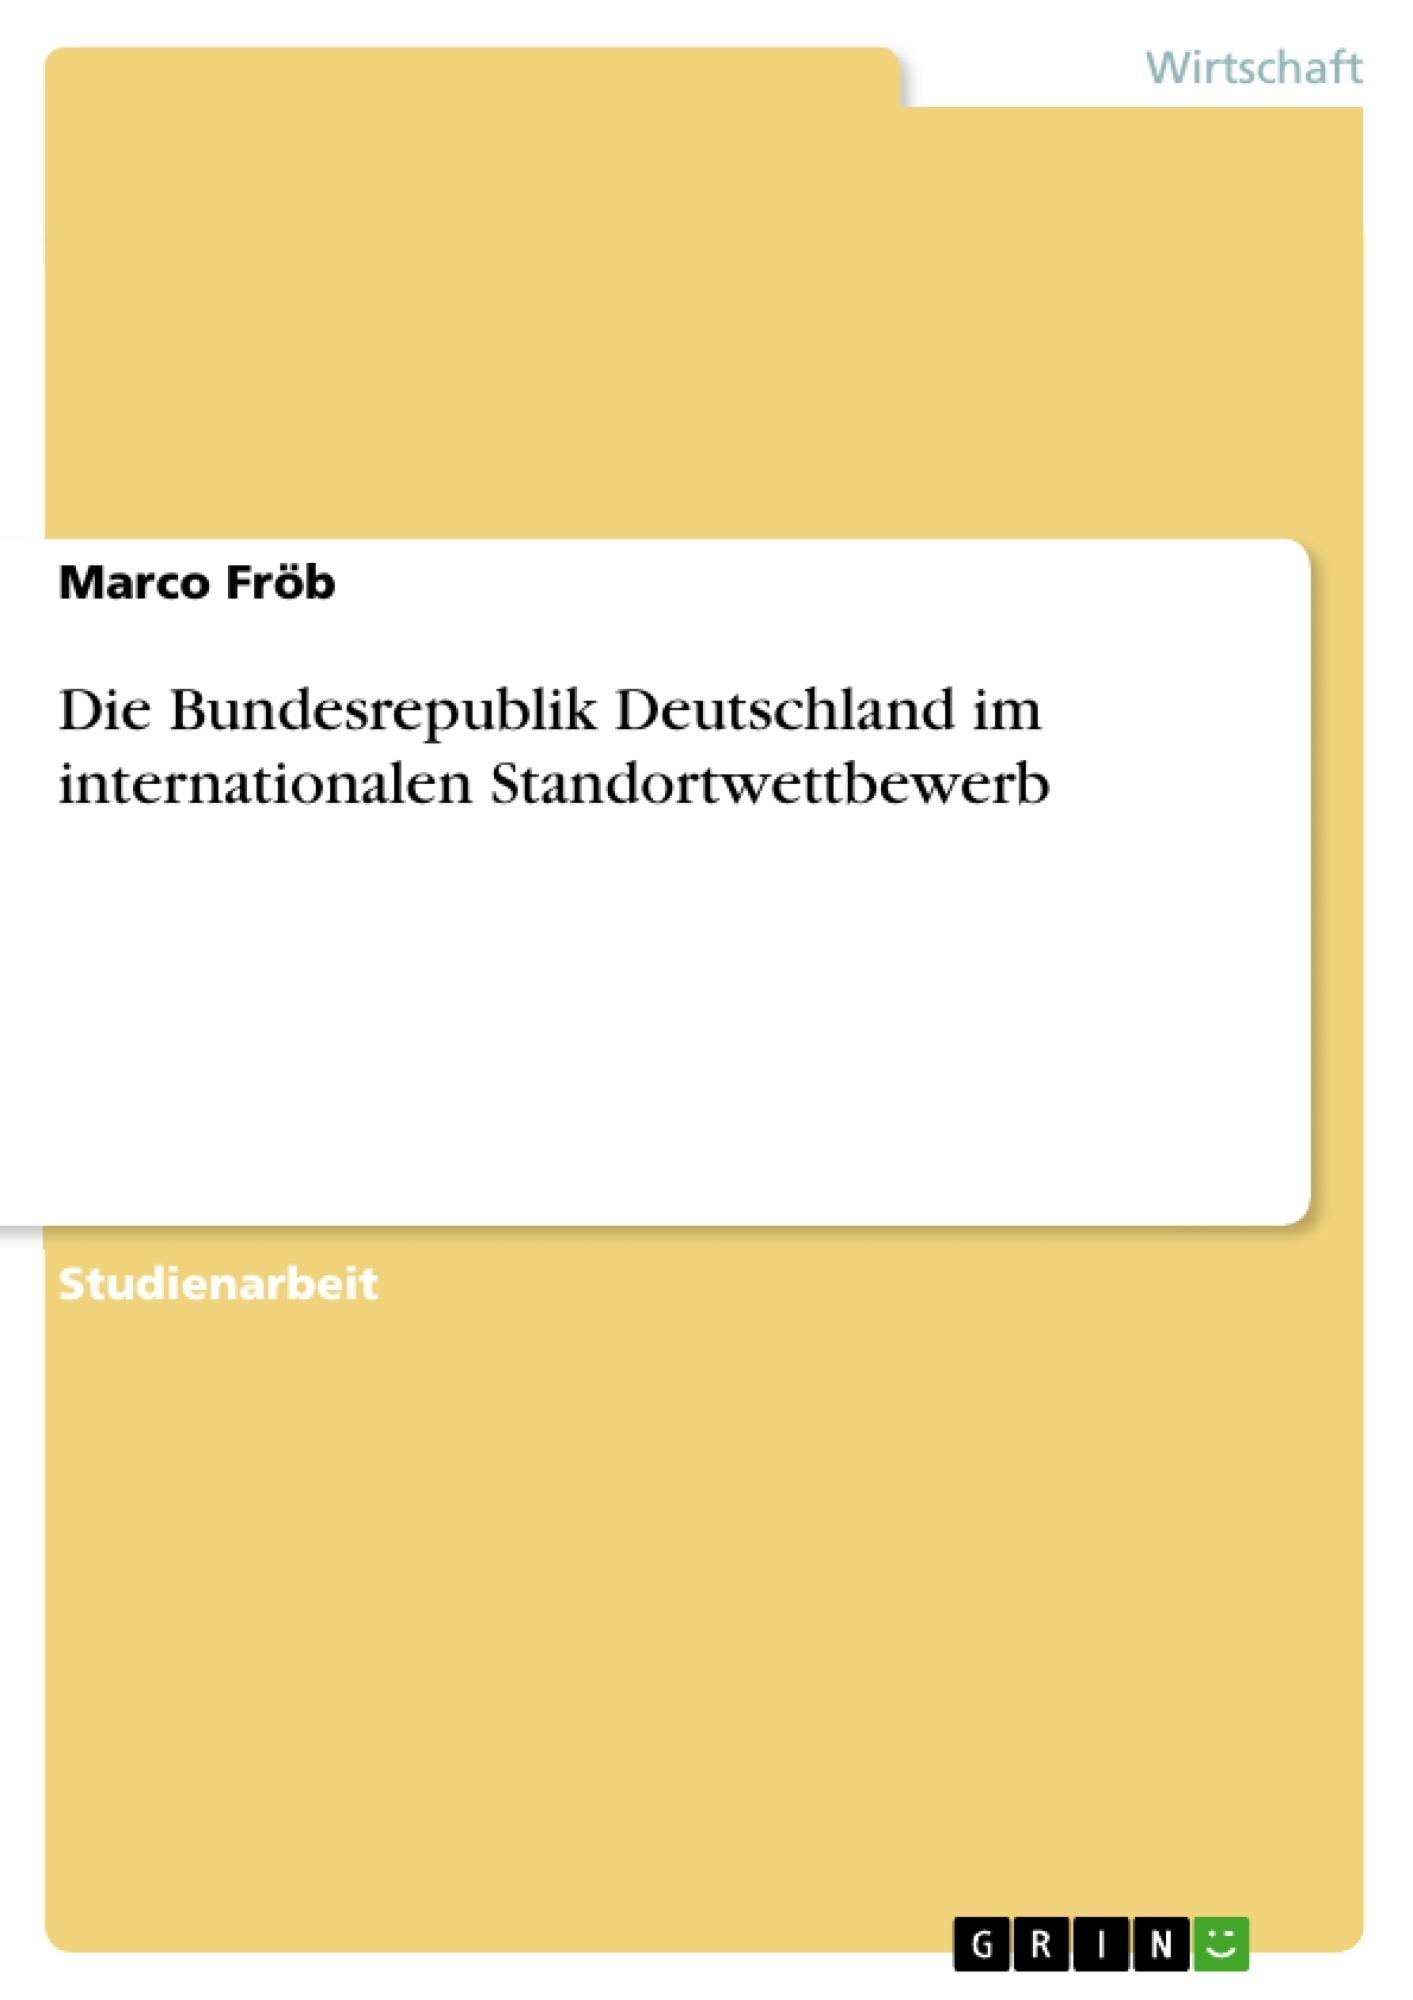 Titel: Die Bundesrepublik Deutschland im internationalen Standortwettbewerb